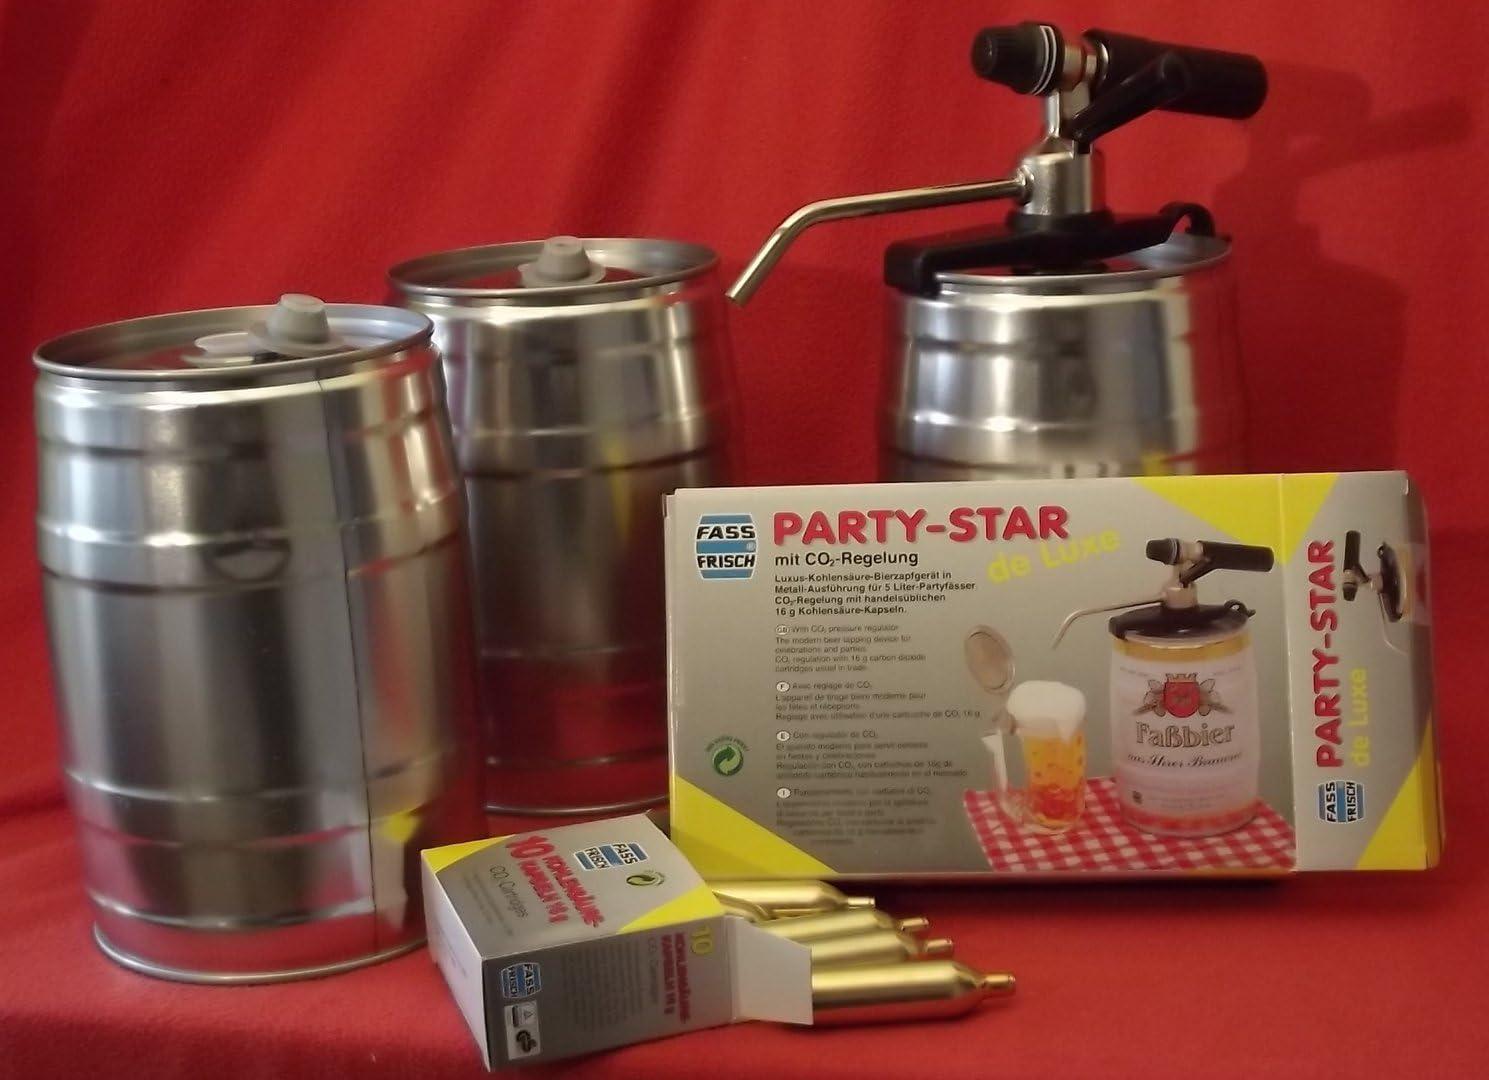 3 barriles para fiestas (vacíos, 5 L, incluye dispensador Party Star de Luxe y 10 cartuchos de CO2, para cerveza casera)